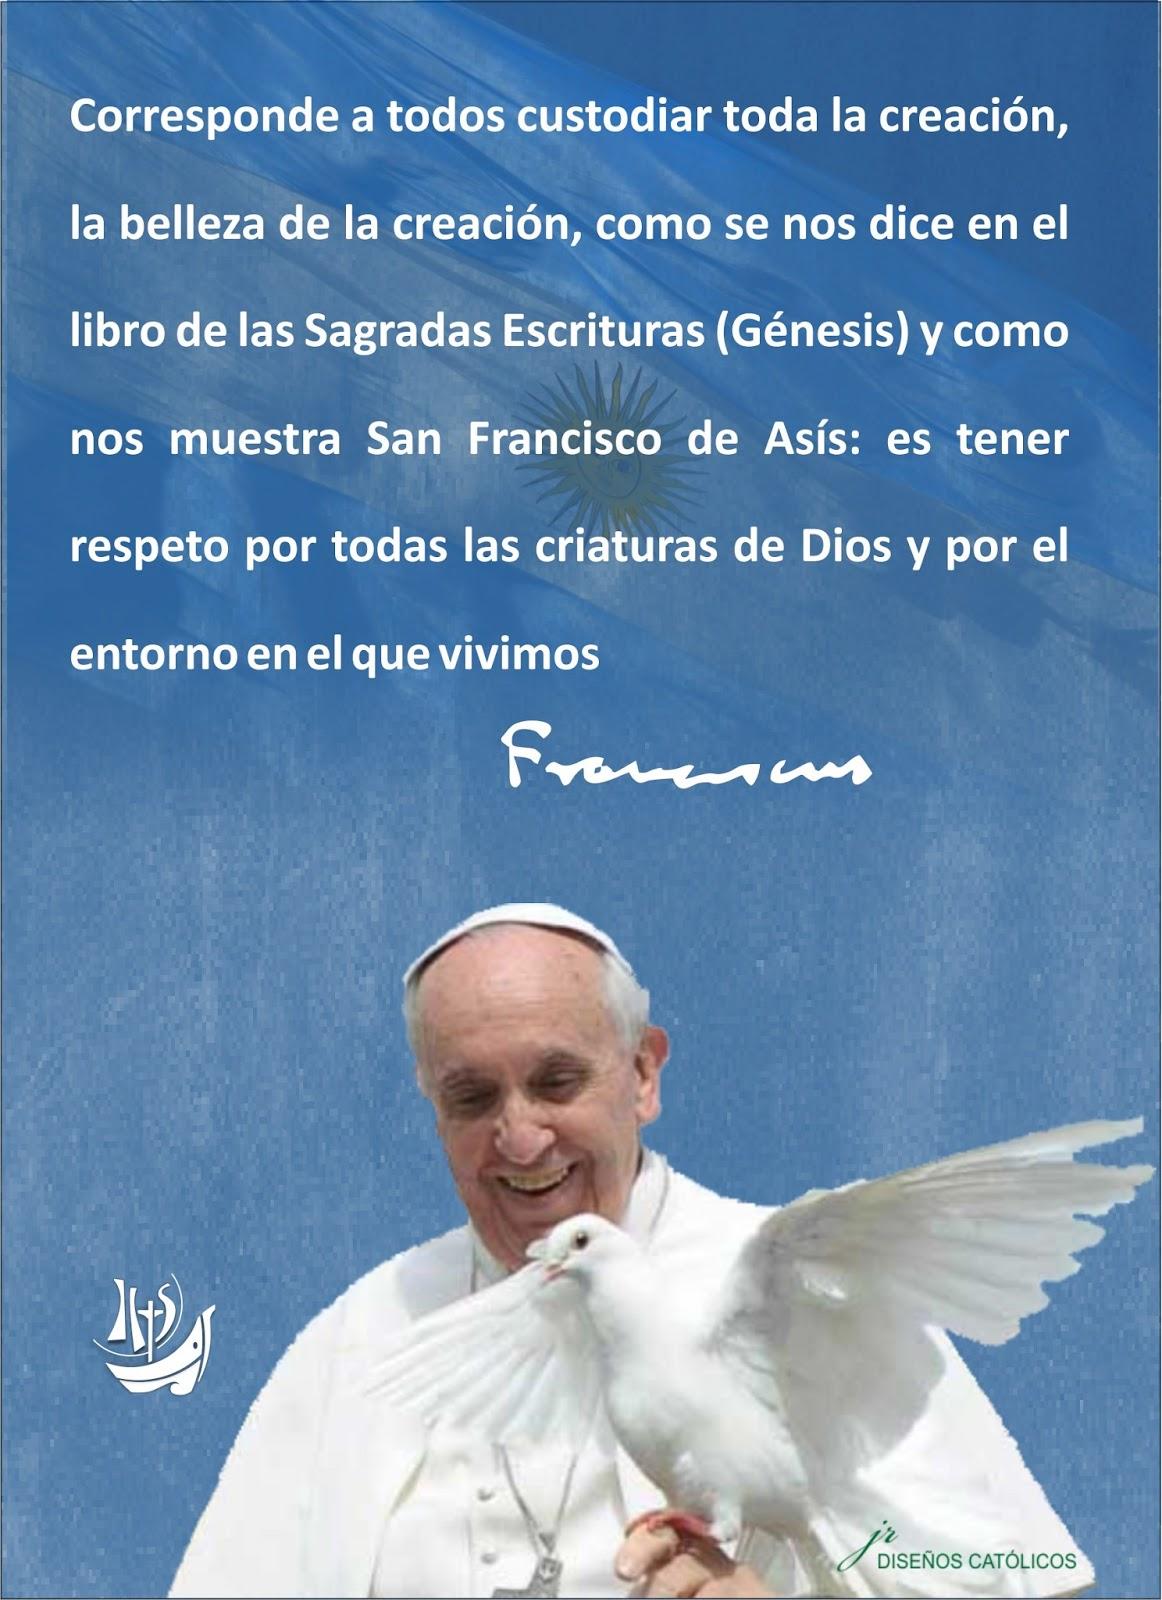 Imagenes con frases del Papa Francisco | Imagenes Para